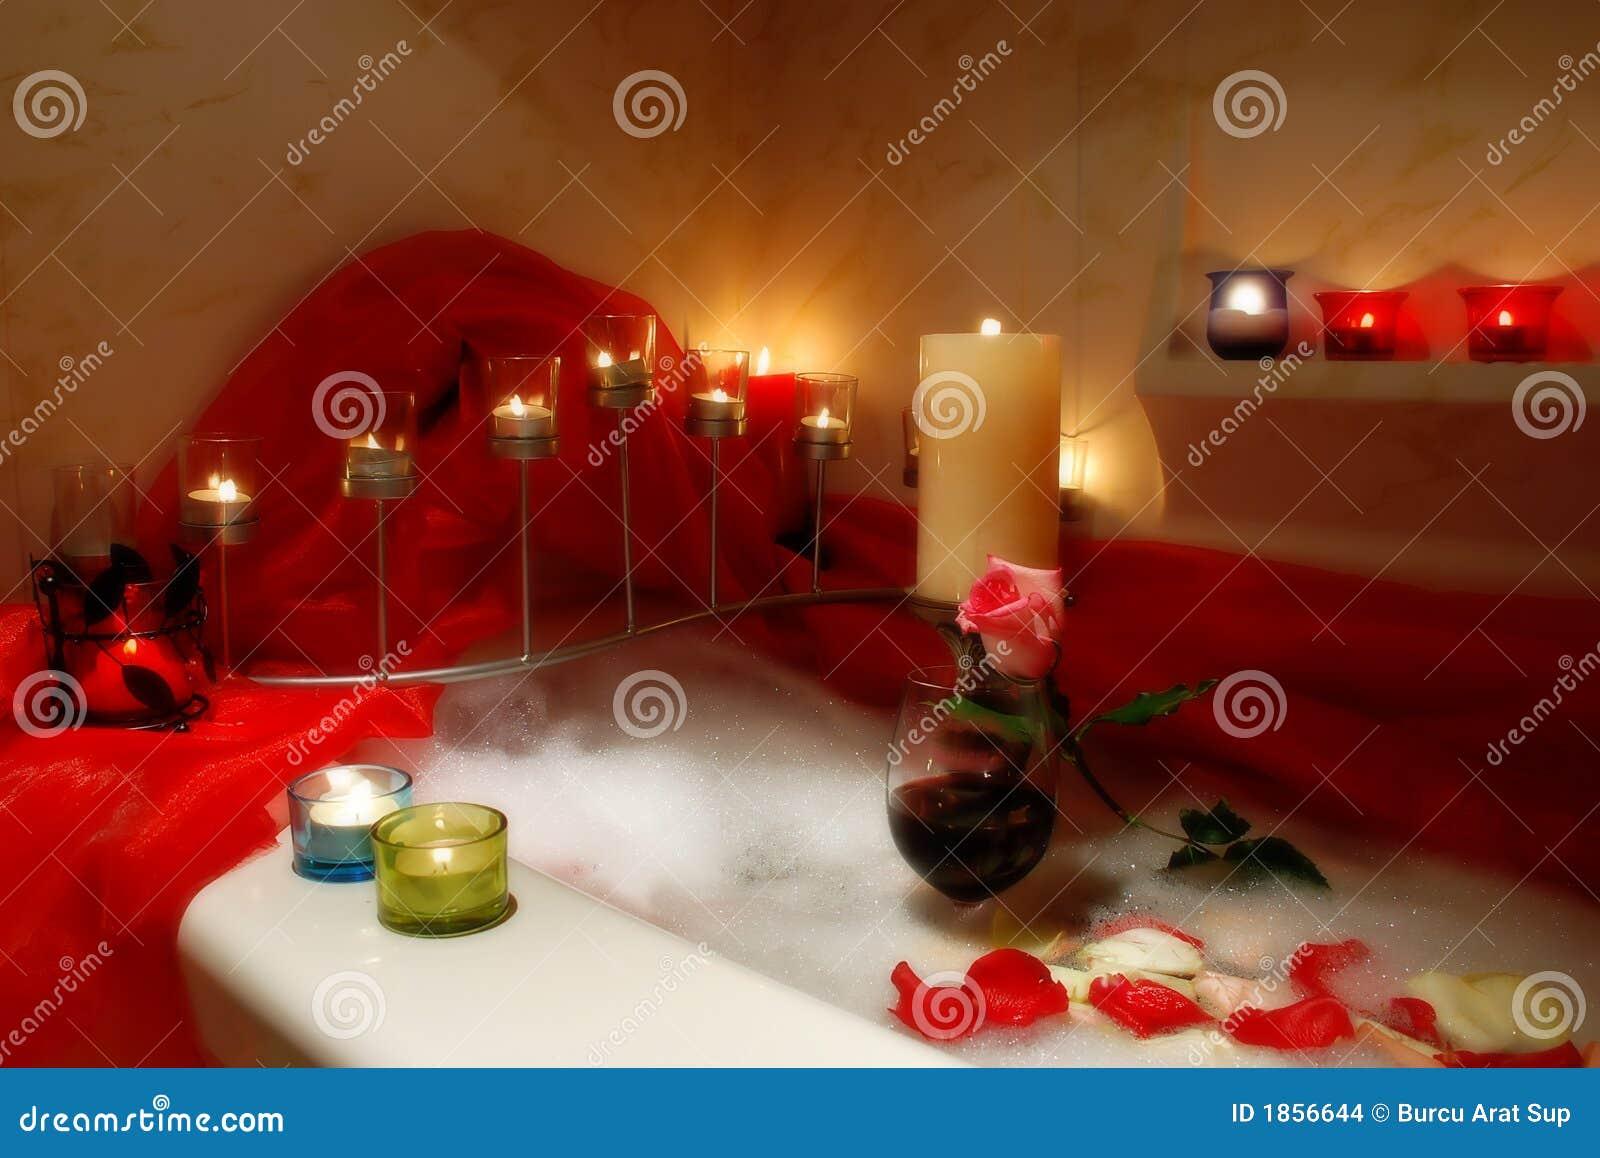 Vasca Da Bagno Romantica : Bagno romantico fotografia stock immagine di massaggio